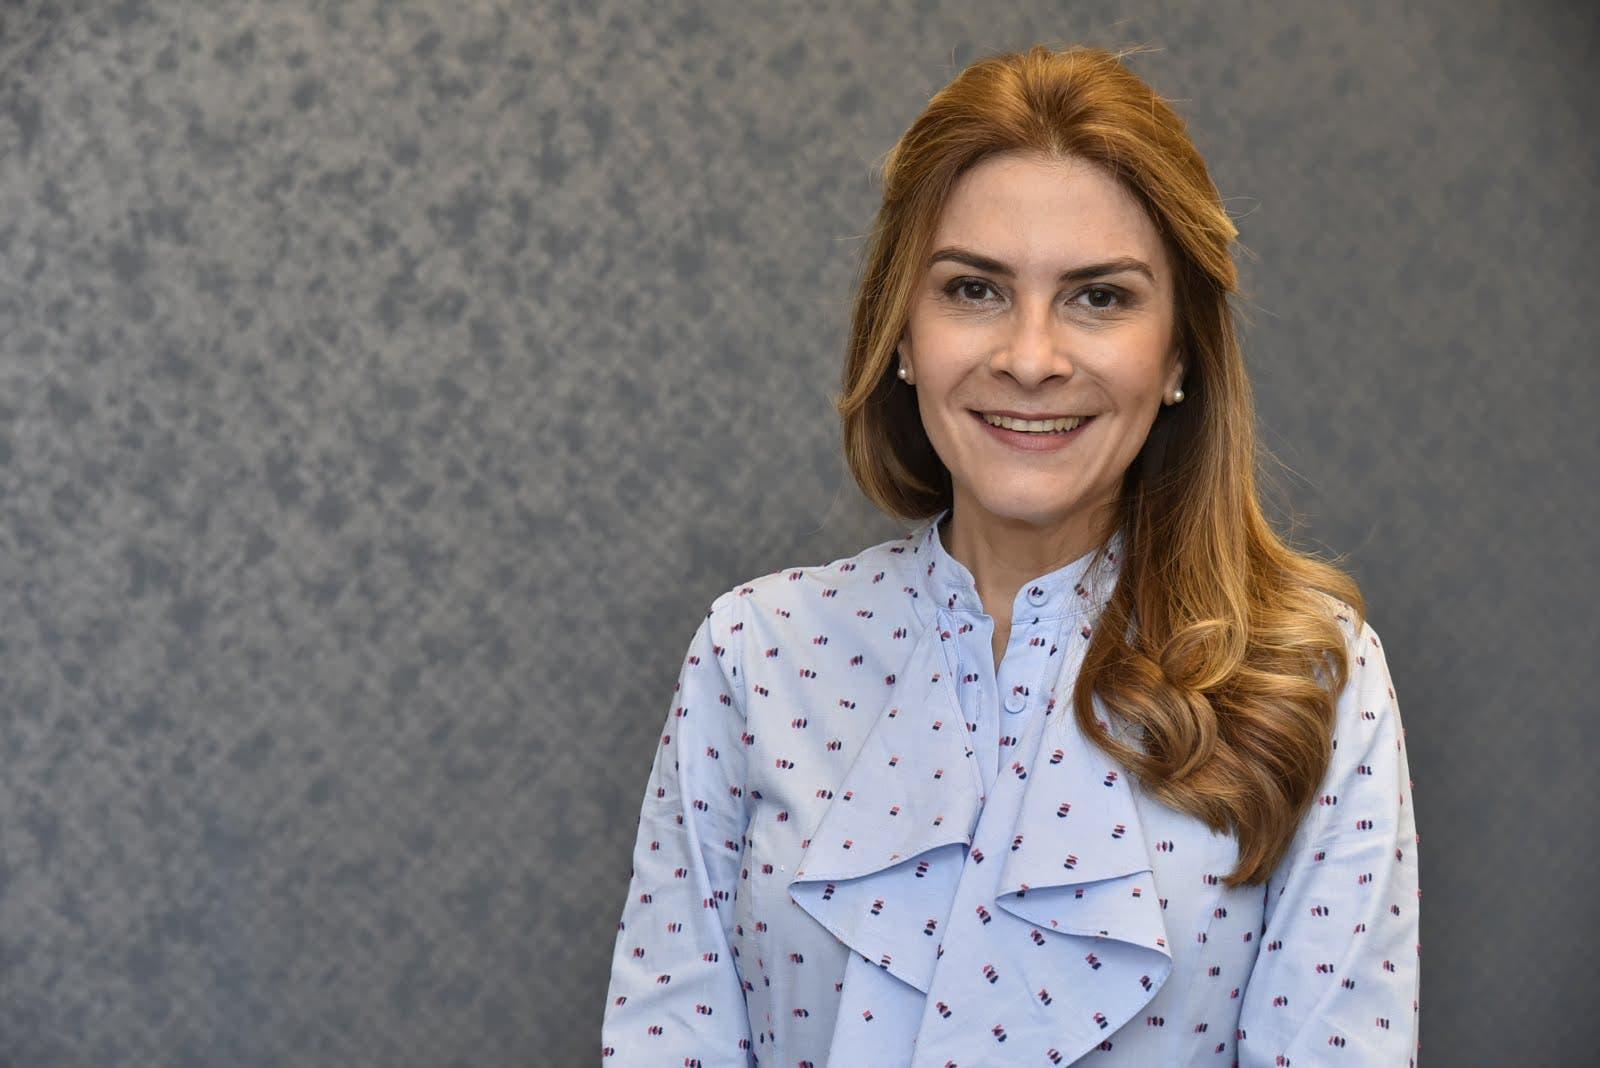 Lea aquí la posición de Carolina Mejía sobre acuerdo del PRM con otros partidos de cara a elecciones del 2020